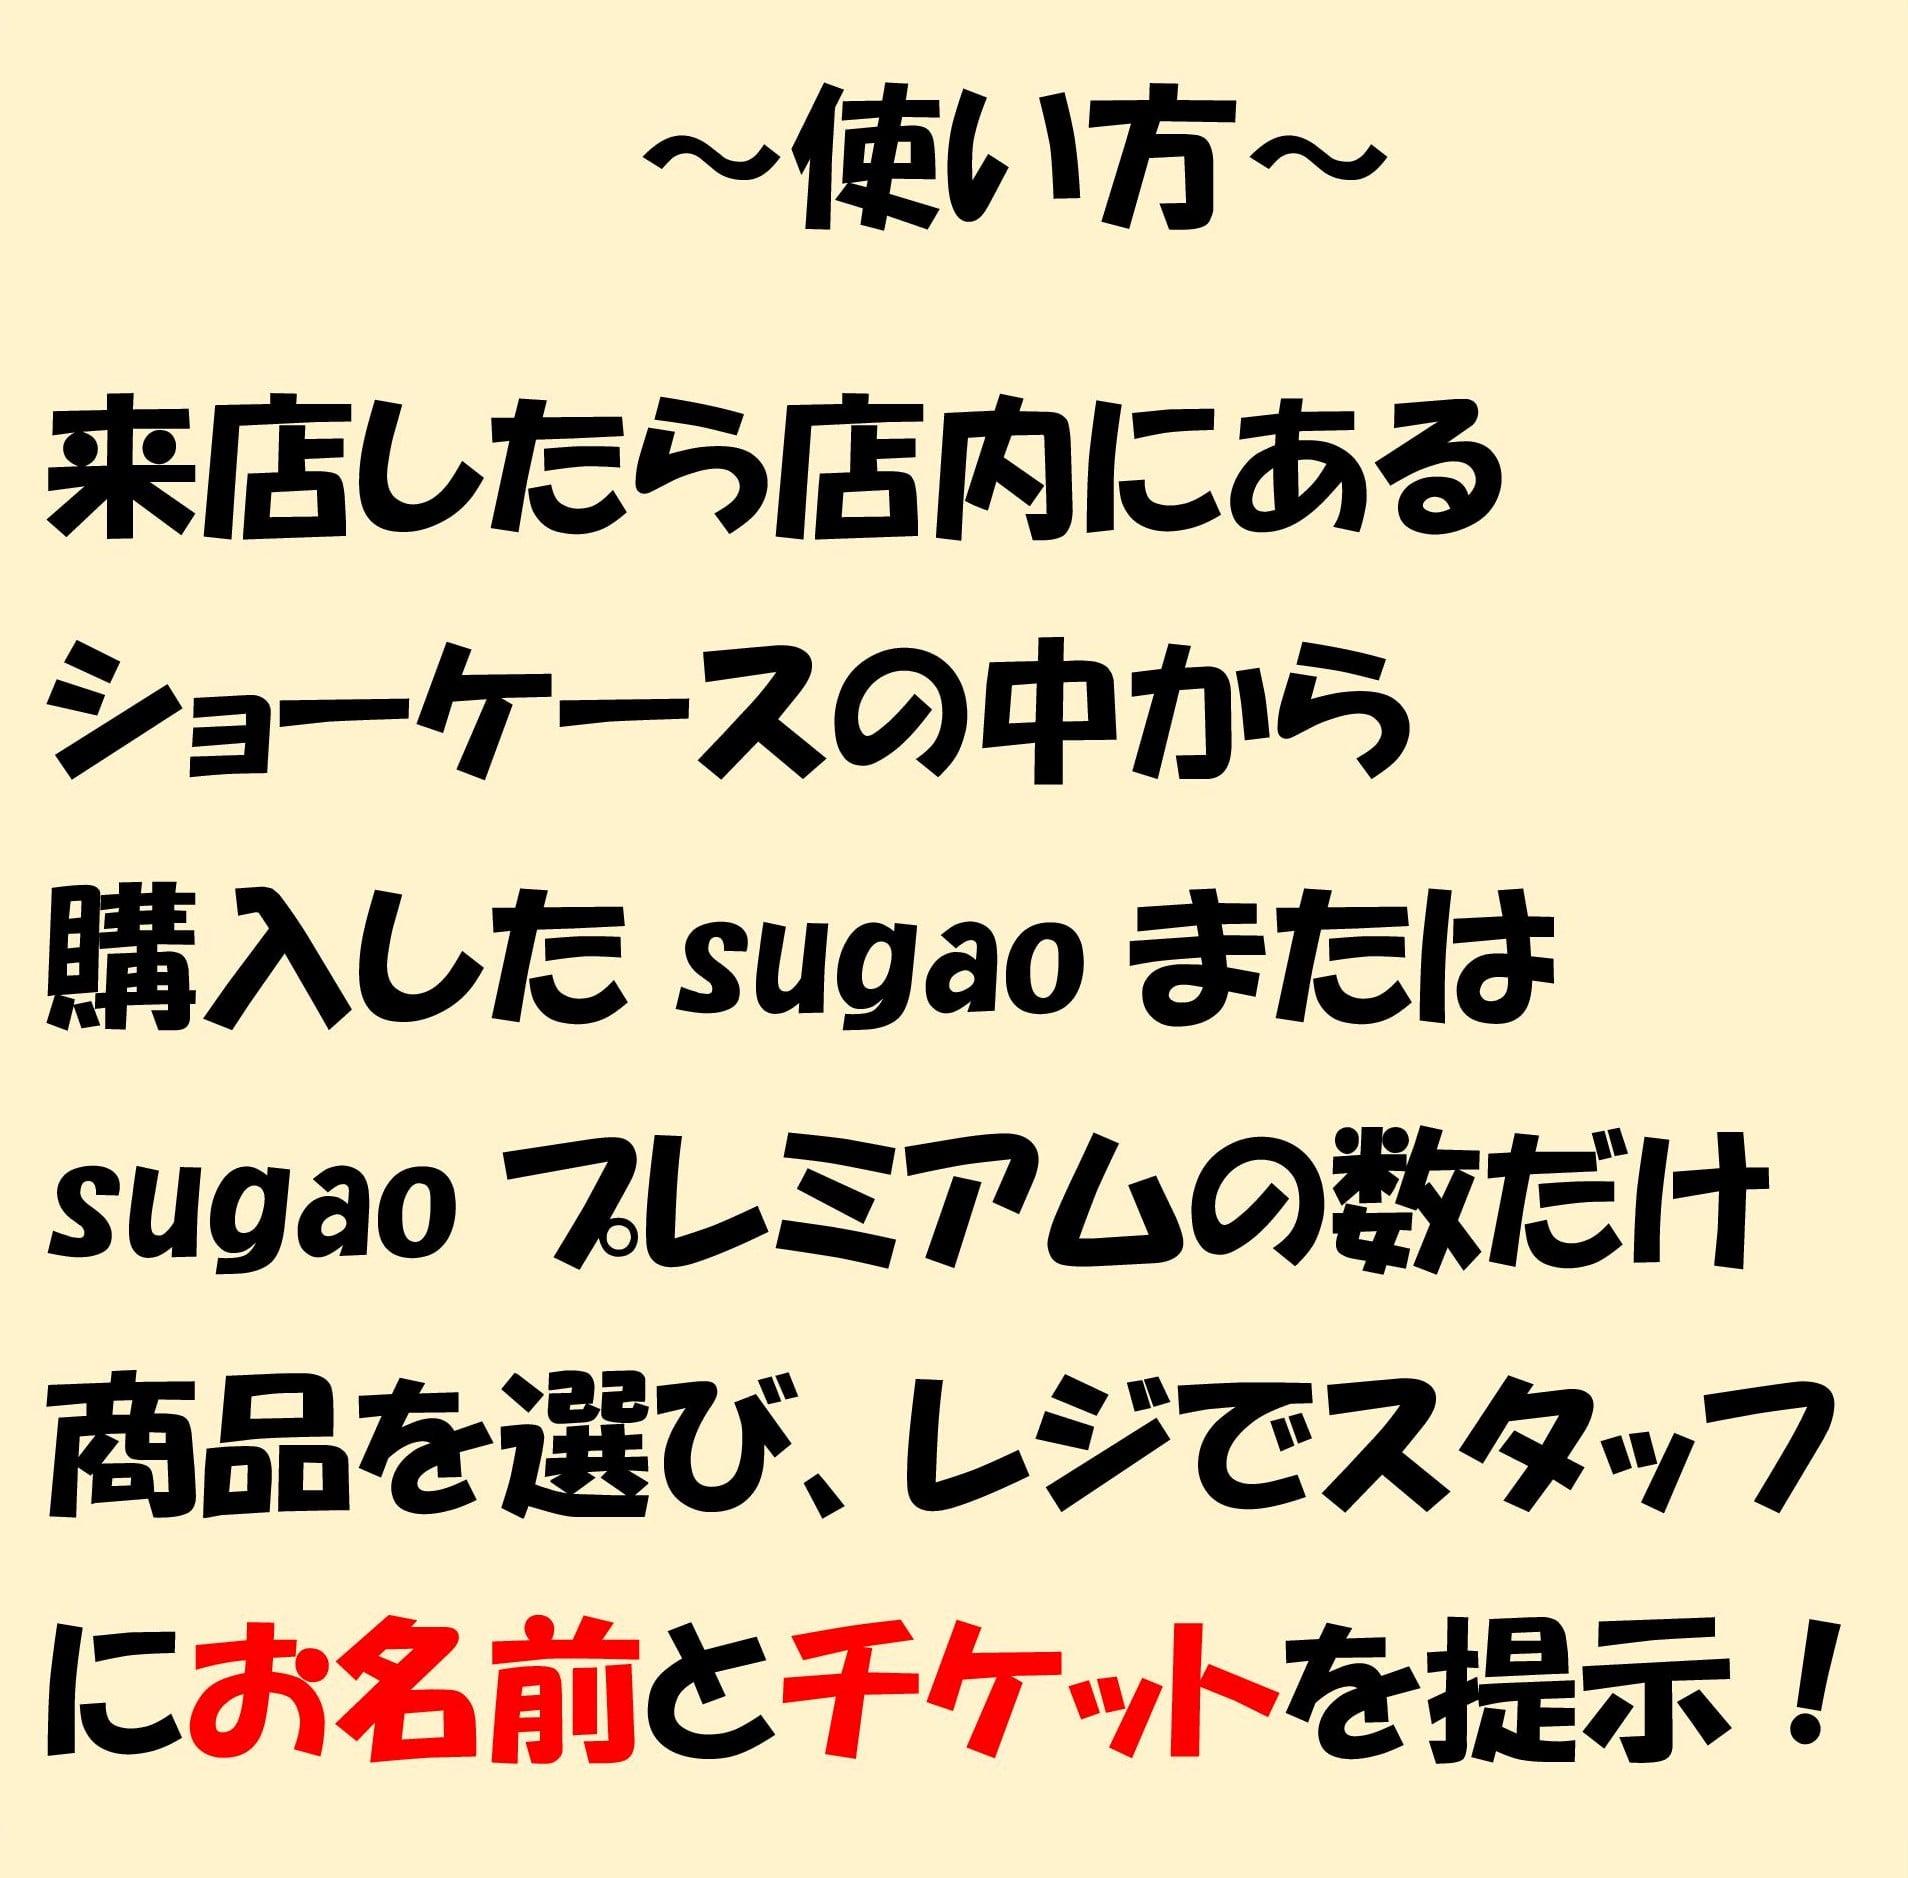 【テイクアウト専用】ジェラートSUGAOプレミアムカップのイメージその4